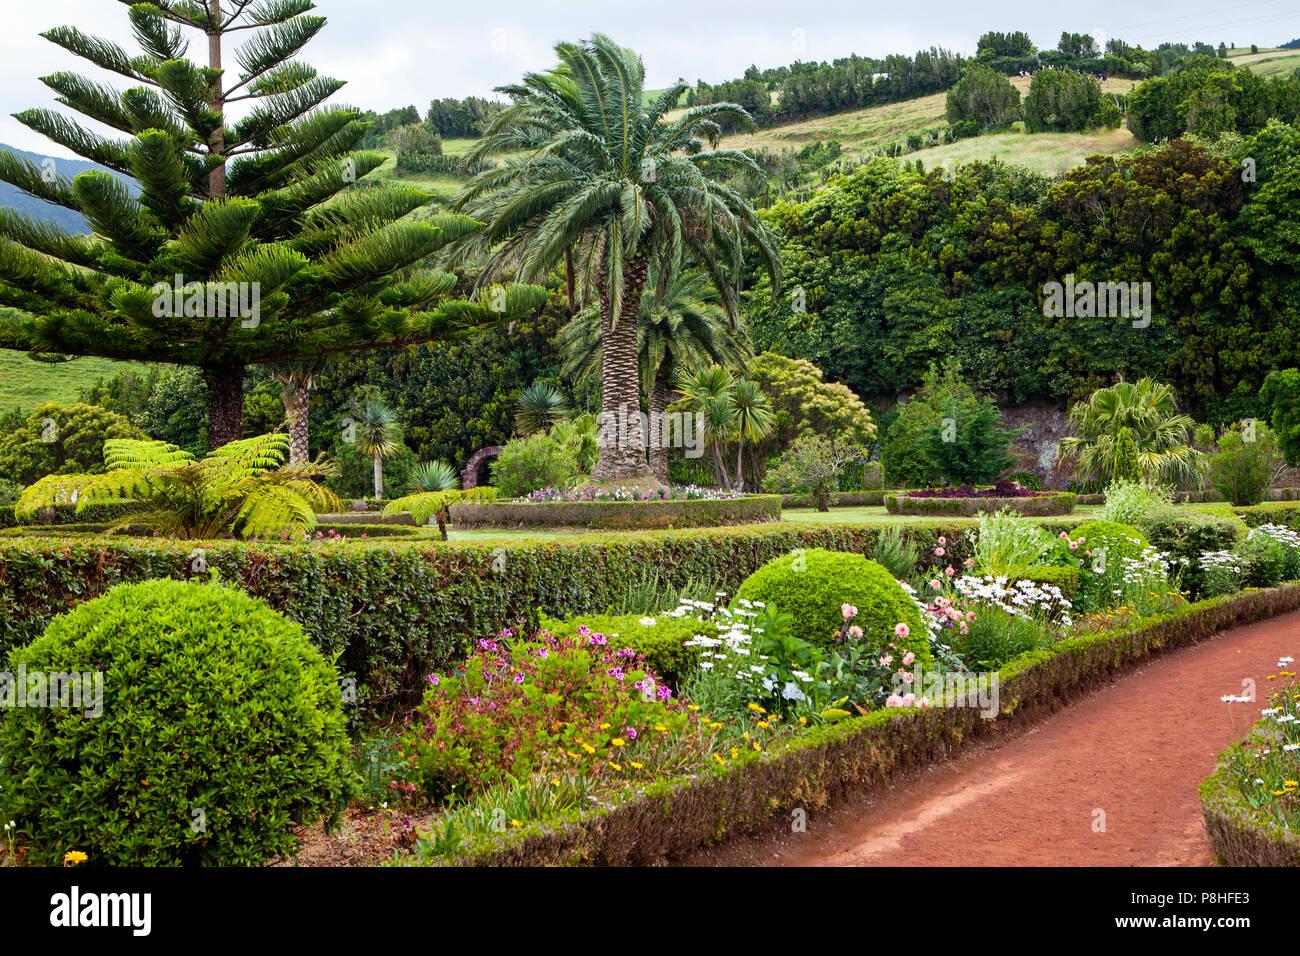 Jardines de Viewpoint Ponta do Sossego, Isla de Sao Miguel, Azores, Portugal Foto de stock